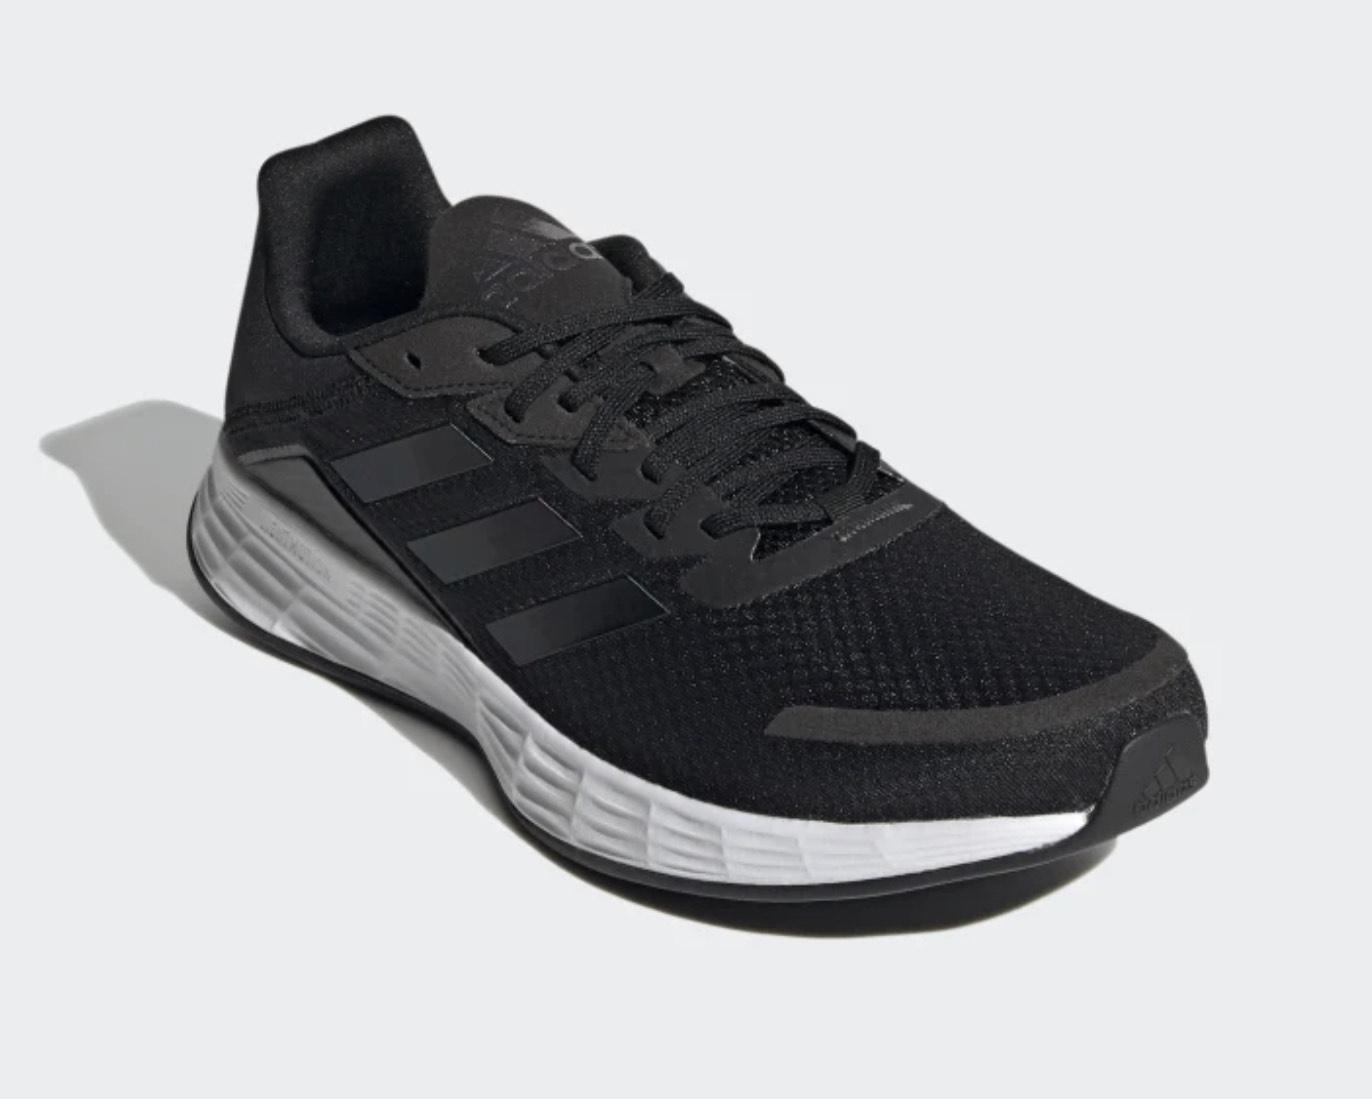 Adidas Duramo SL Laufschuh versandkostenfrei @ Adidas App